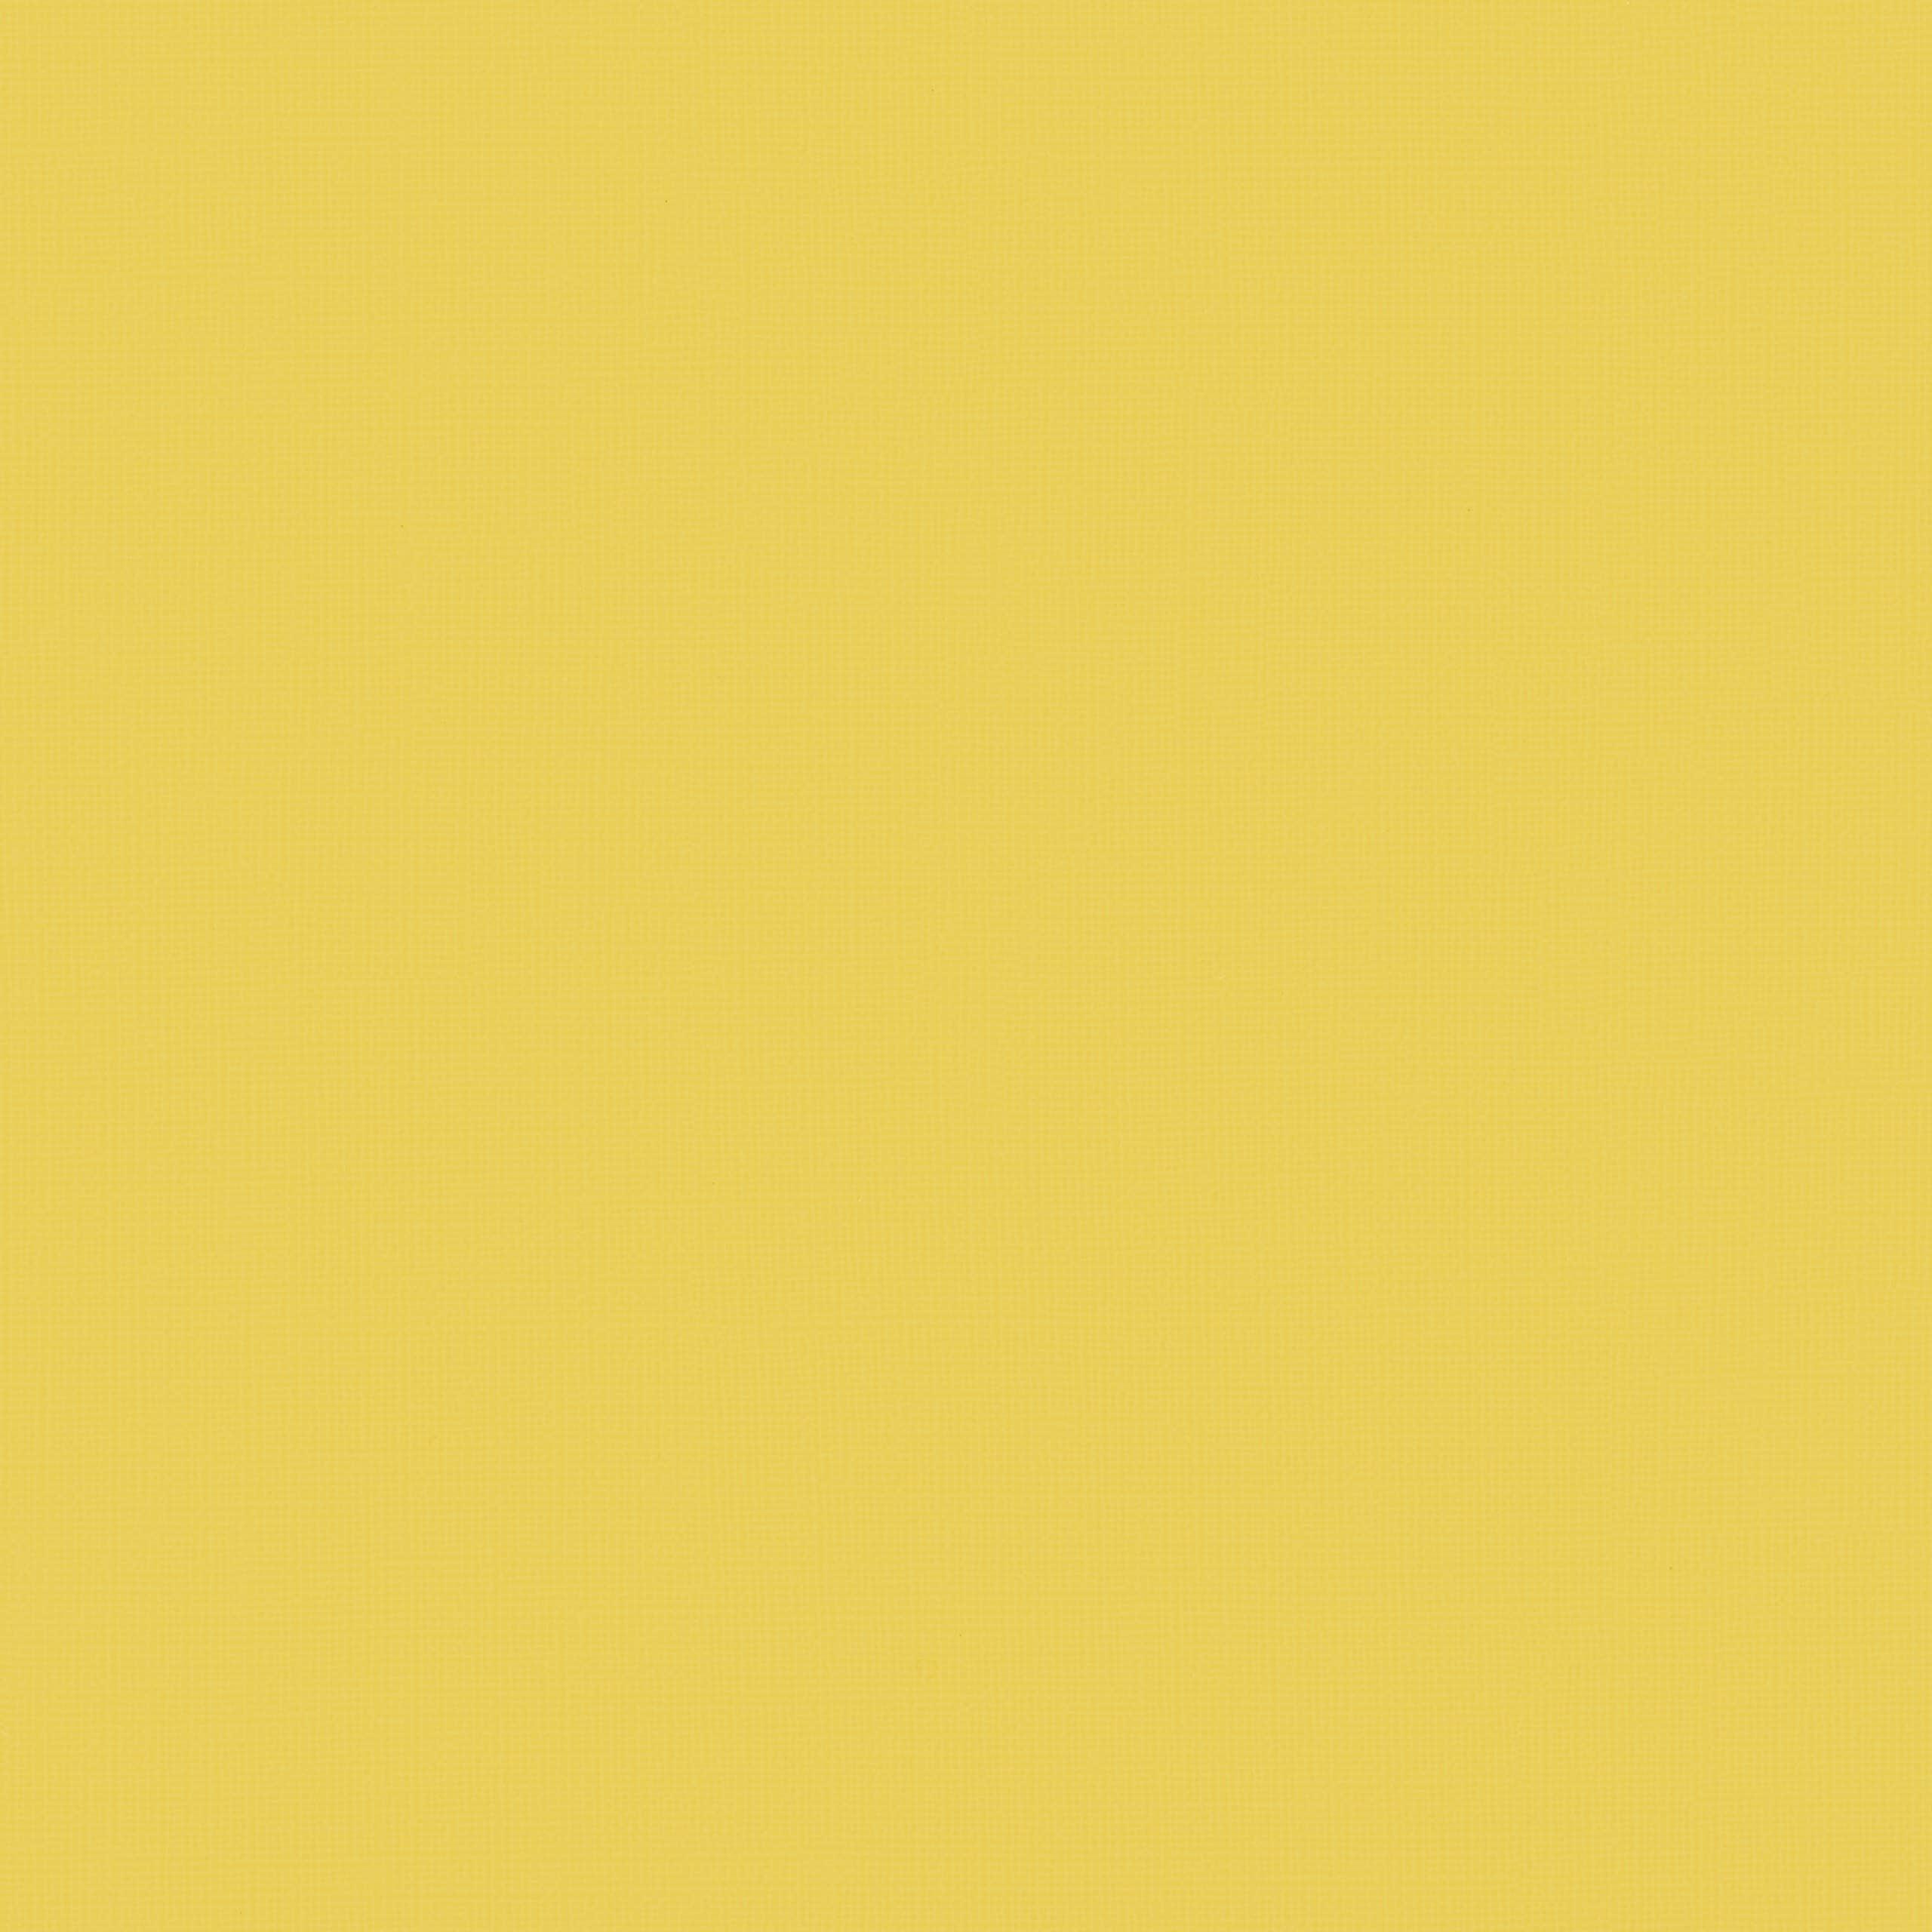 Cotting patch Kalytera Citron